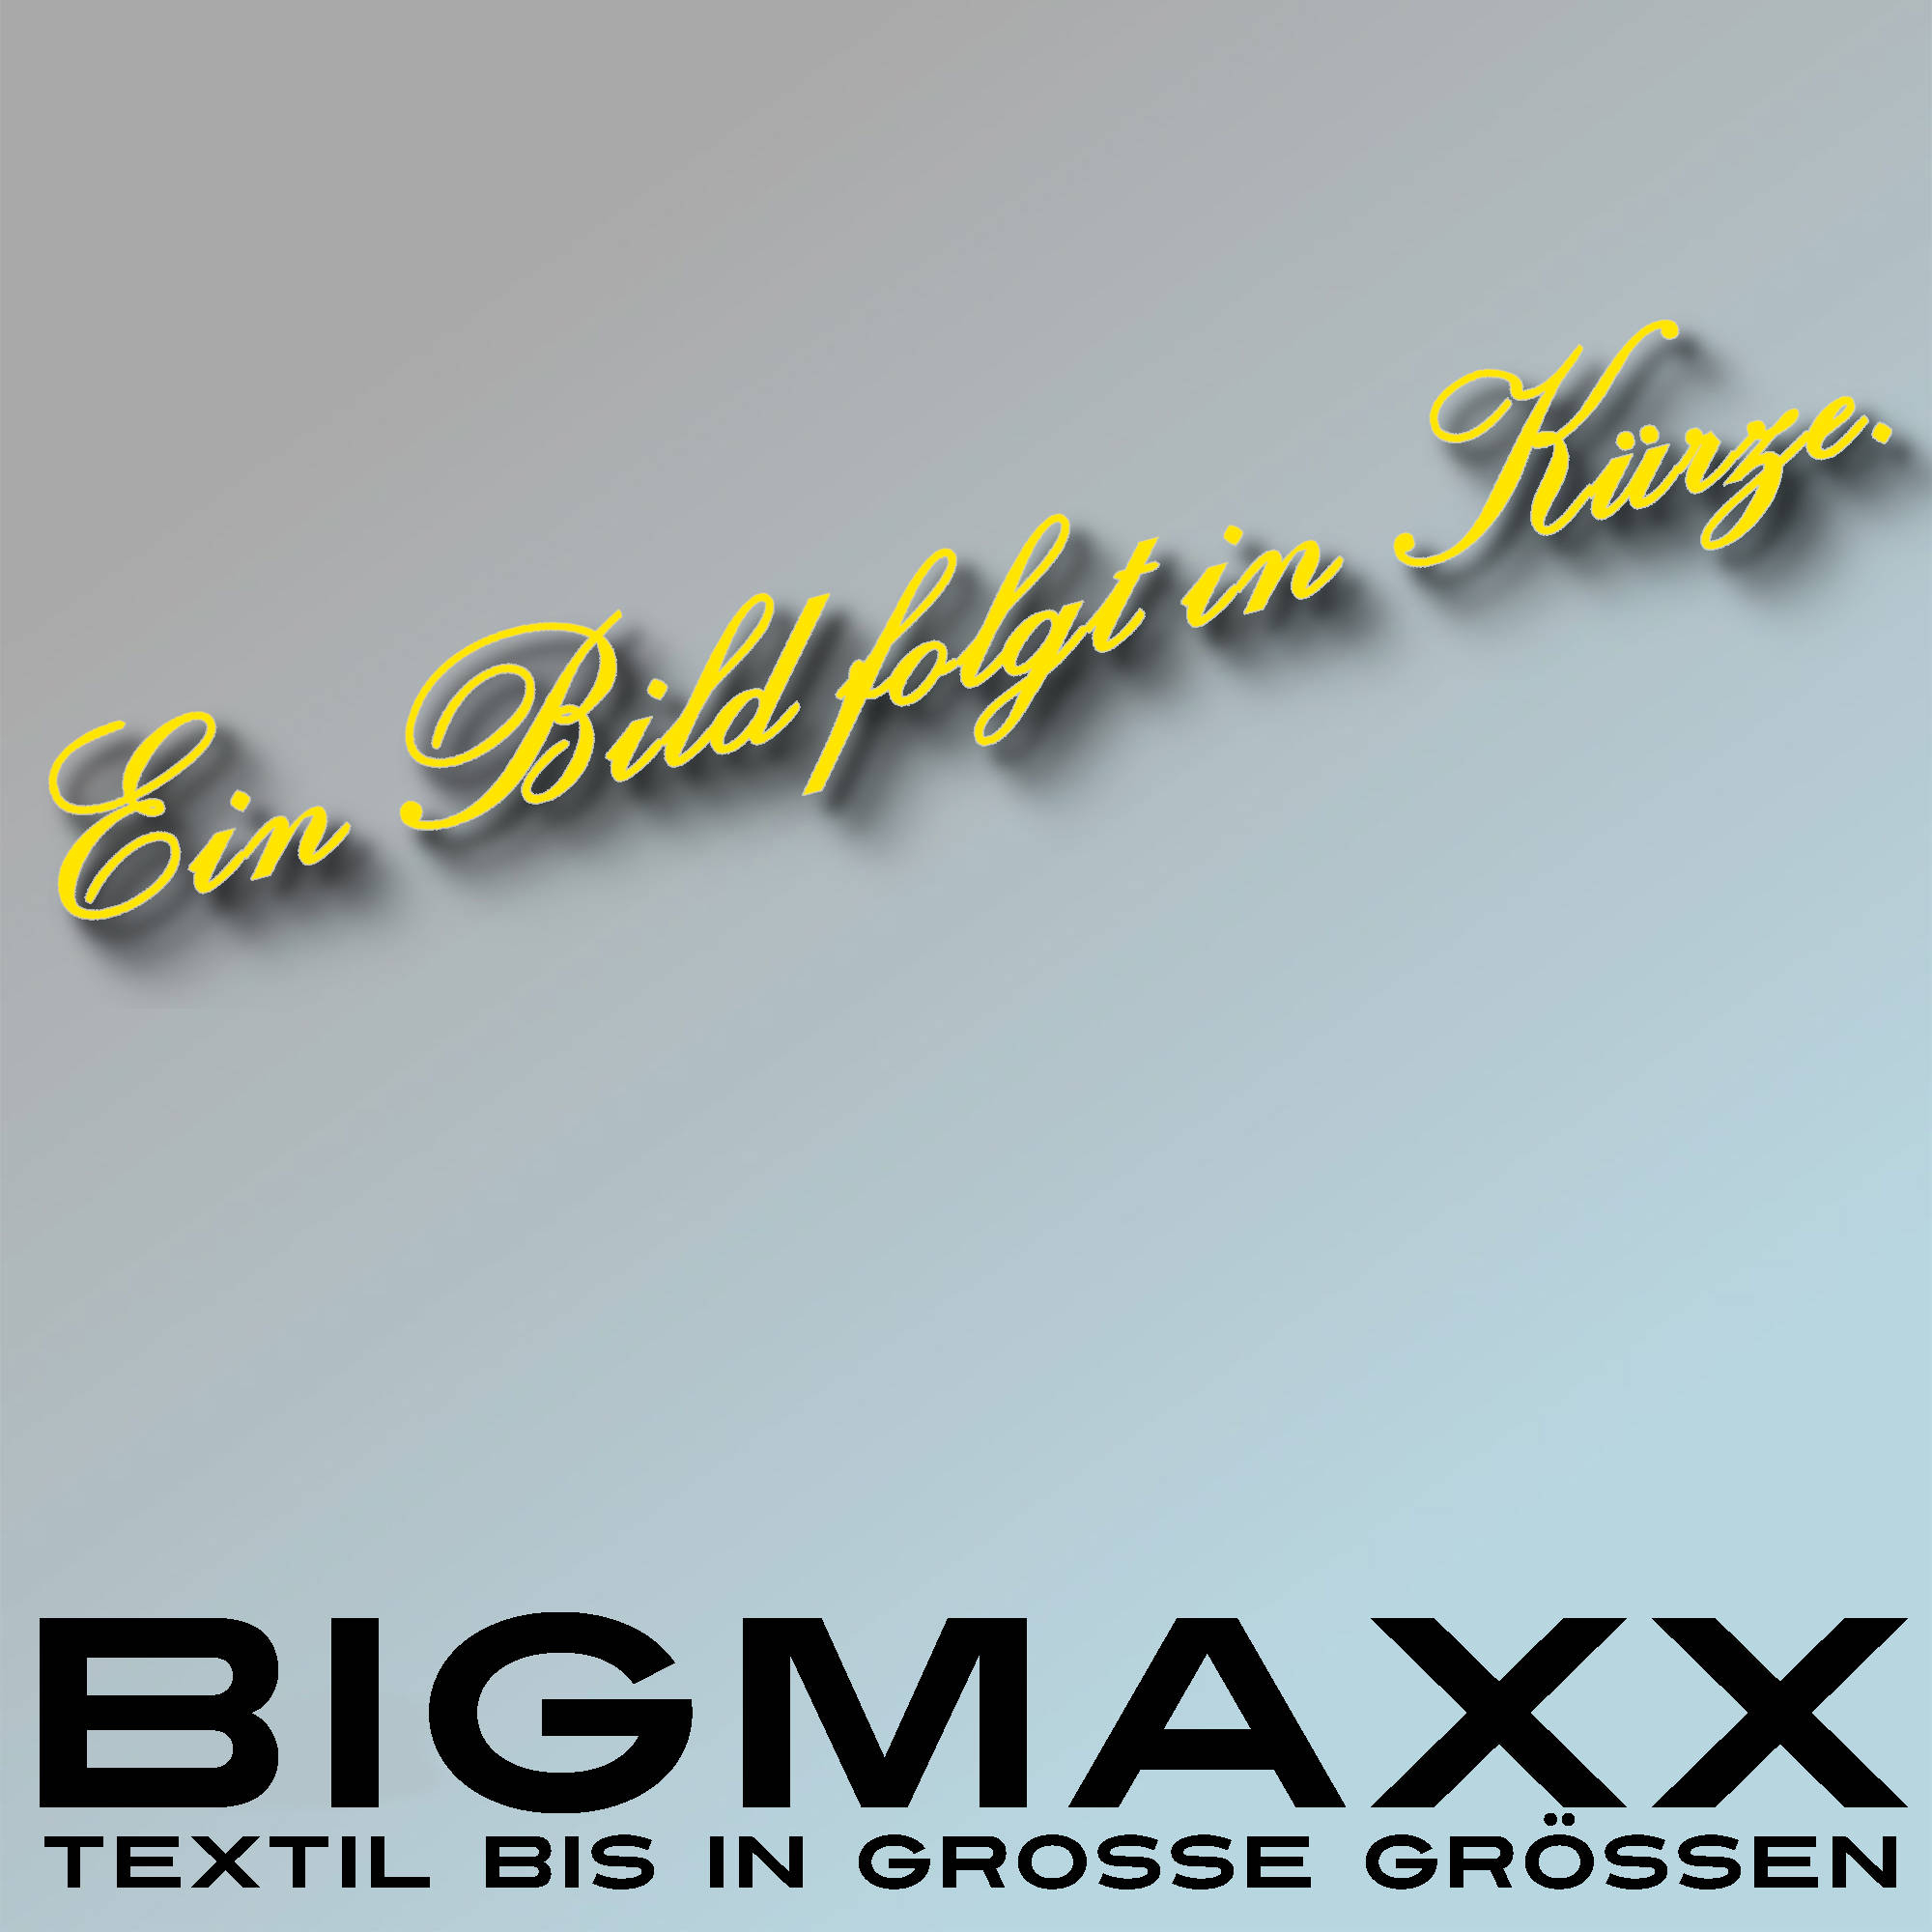 Anvil-T-Shirt in 8 Farben auch in Übergröße Gr S bis 6XL